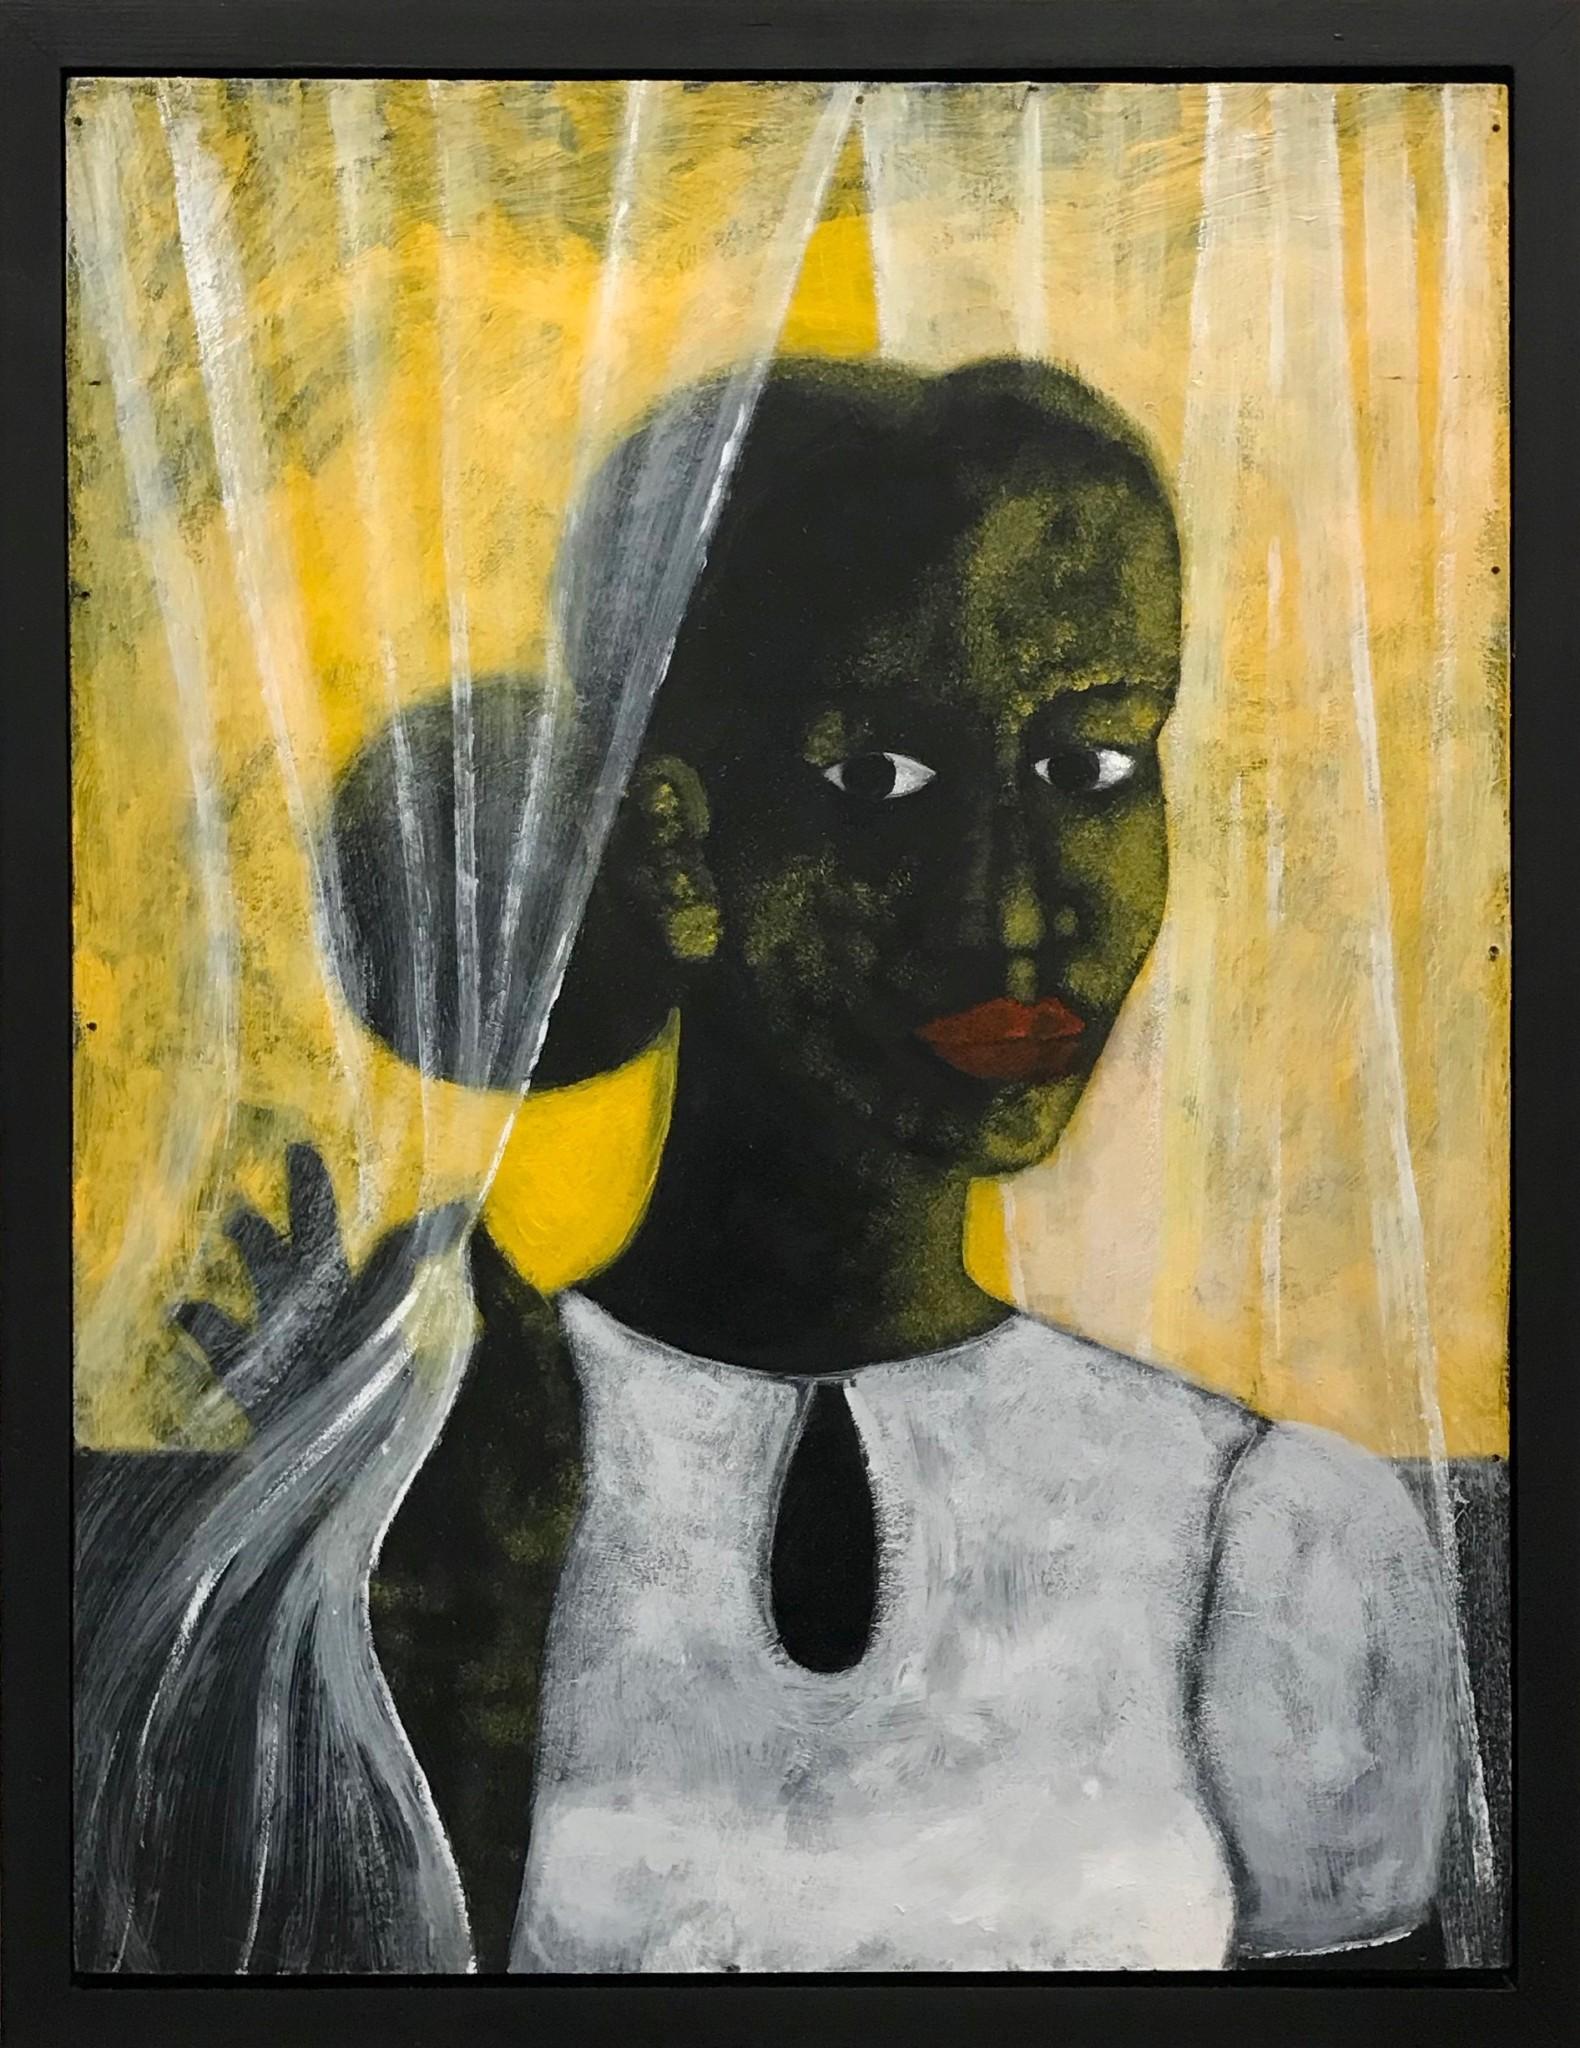 Abe Odedina, Dawn, 2019, acrylic on plywood, 77 x 58 cm. Courtesy of Nil Gallery.